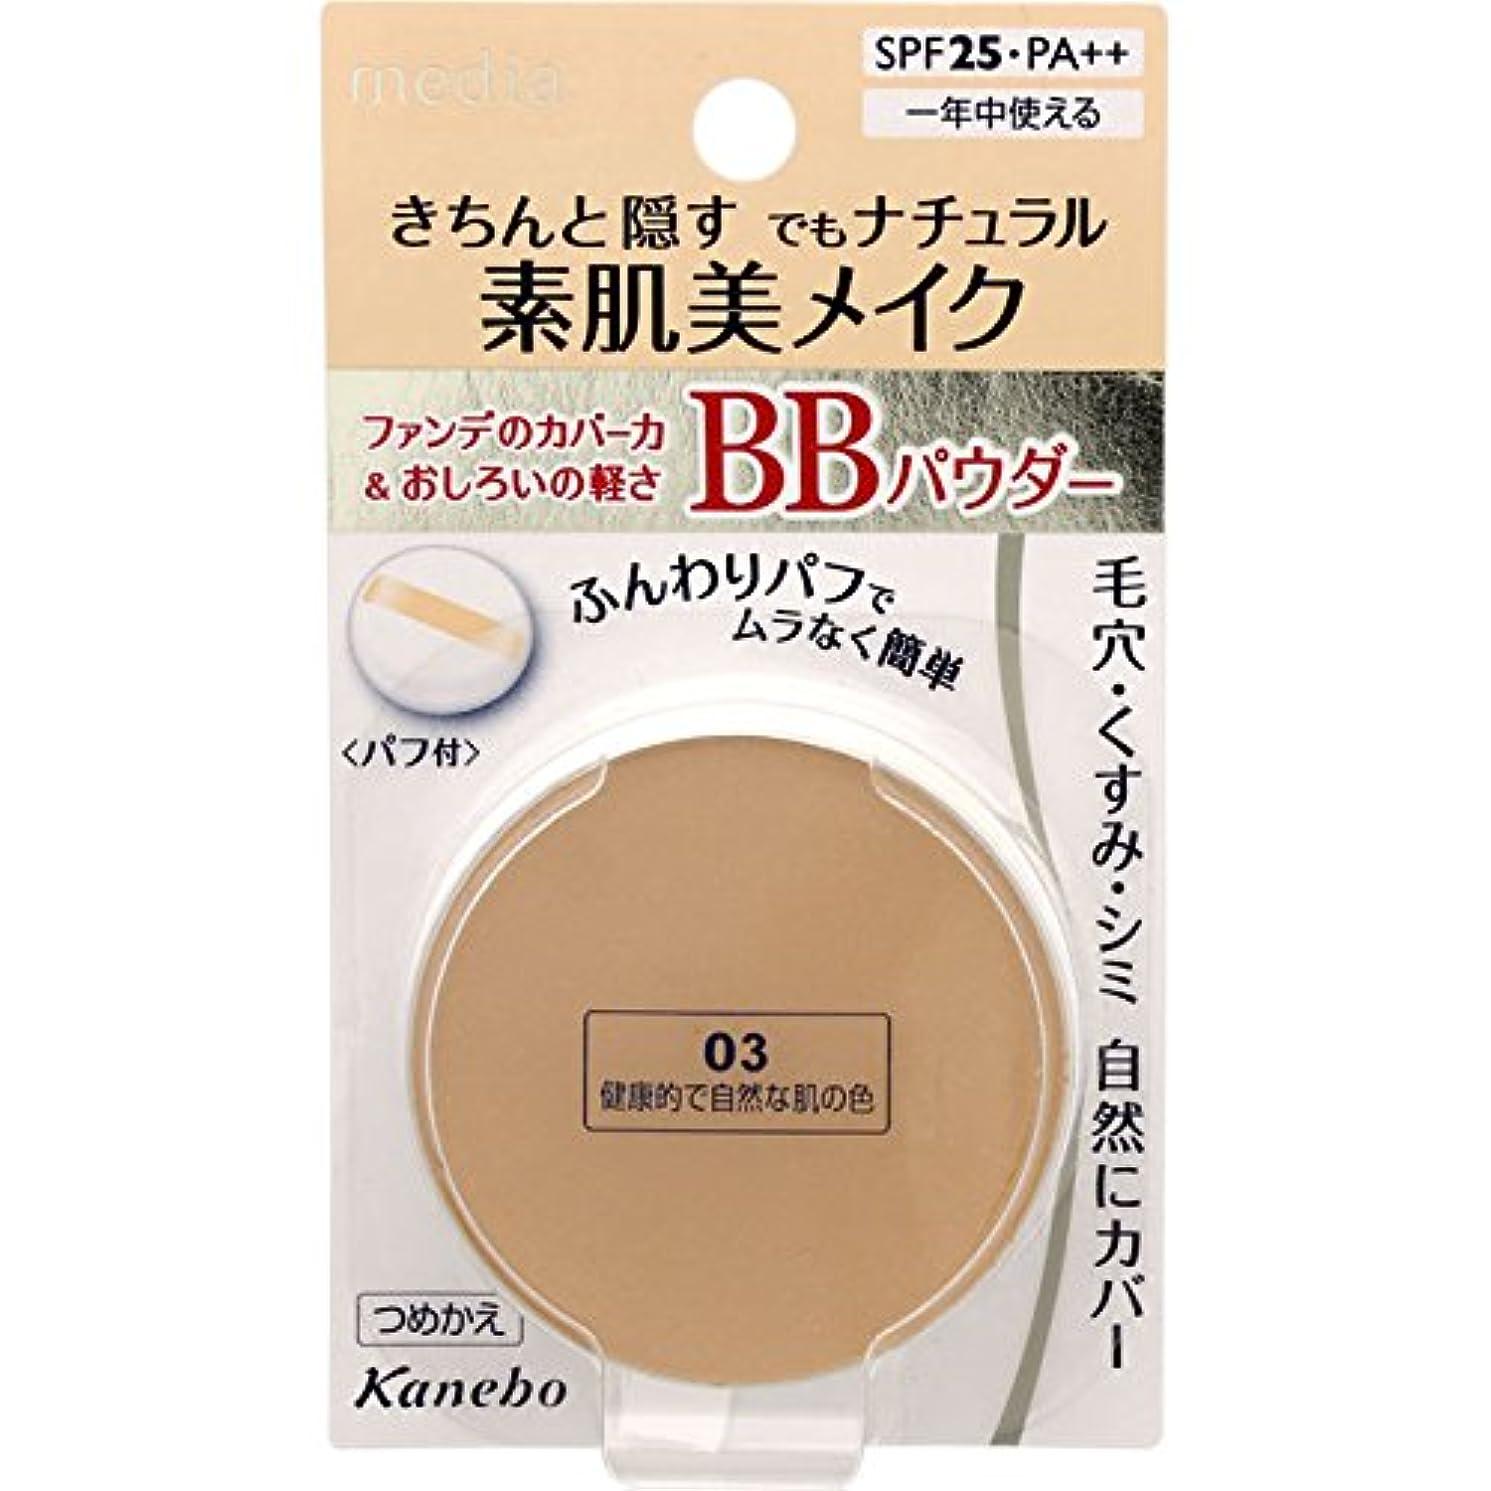 違反あたり援助メディアBBパウダー03(健康的で自然な肌の色)×5